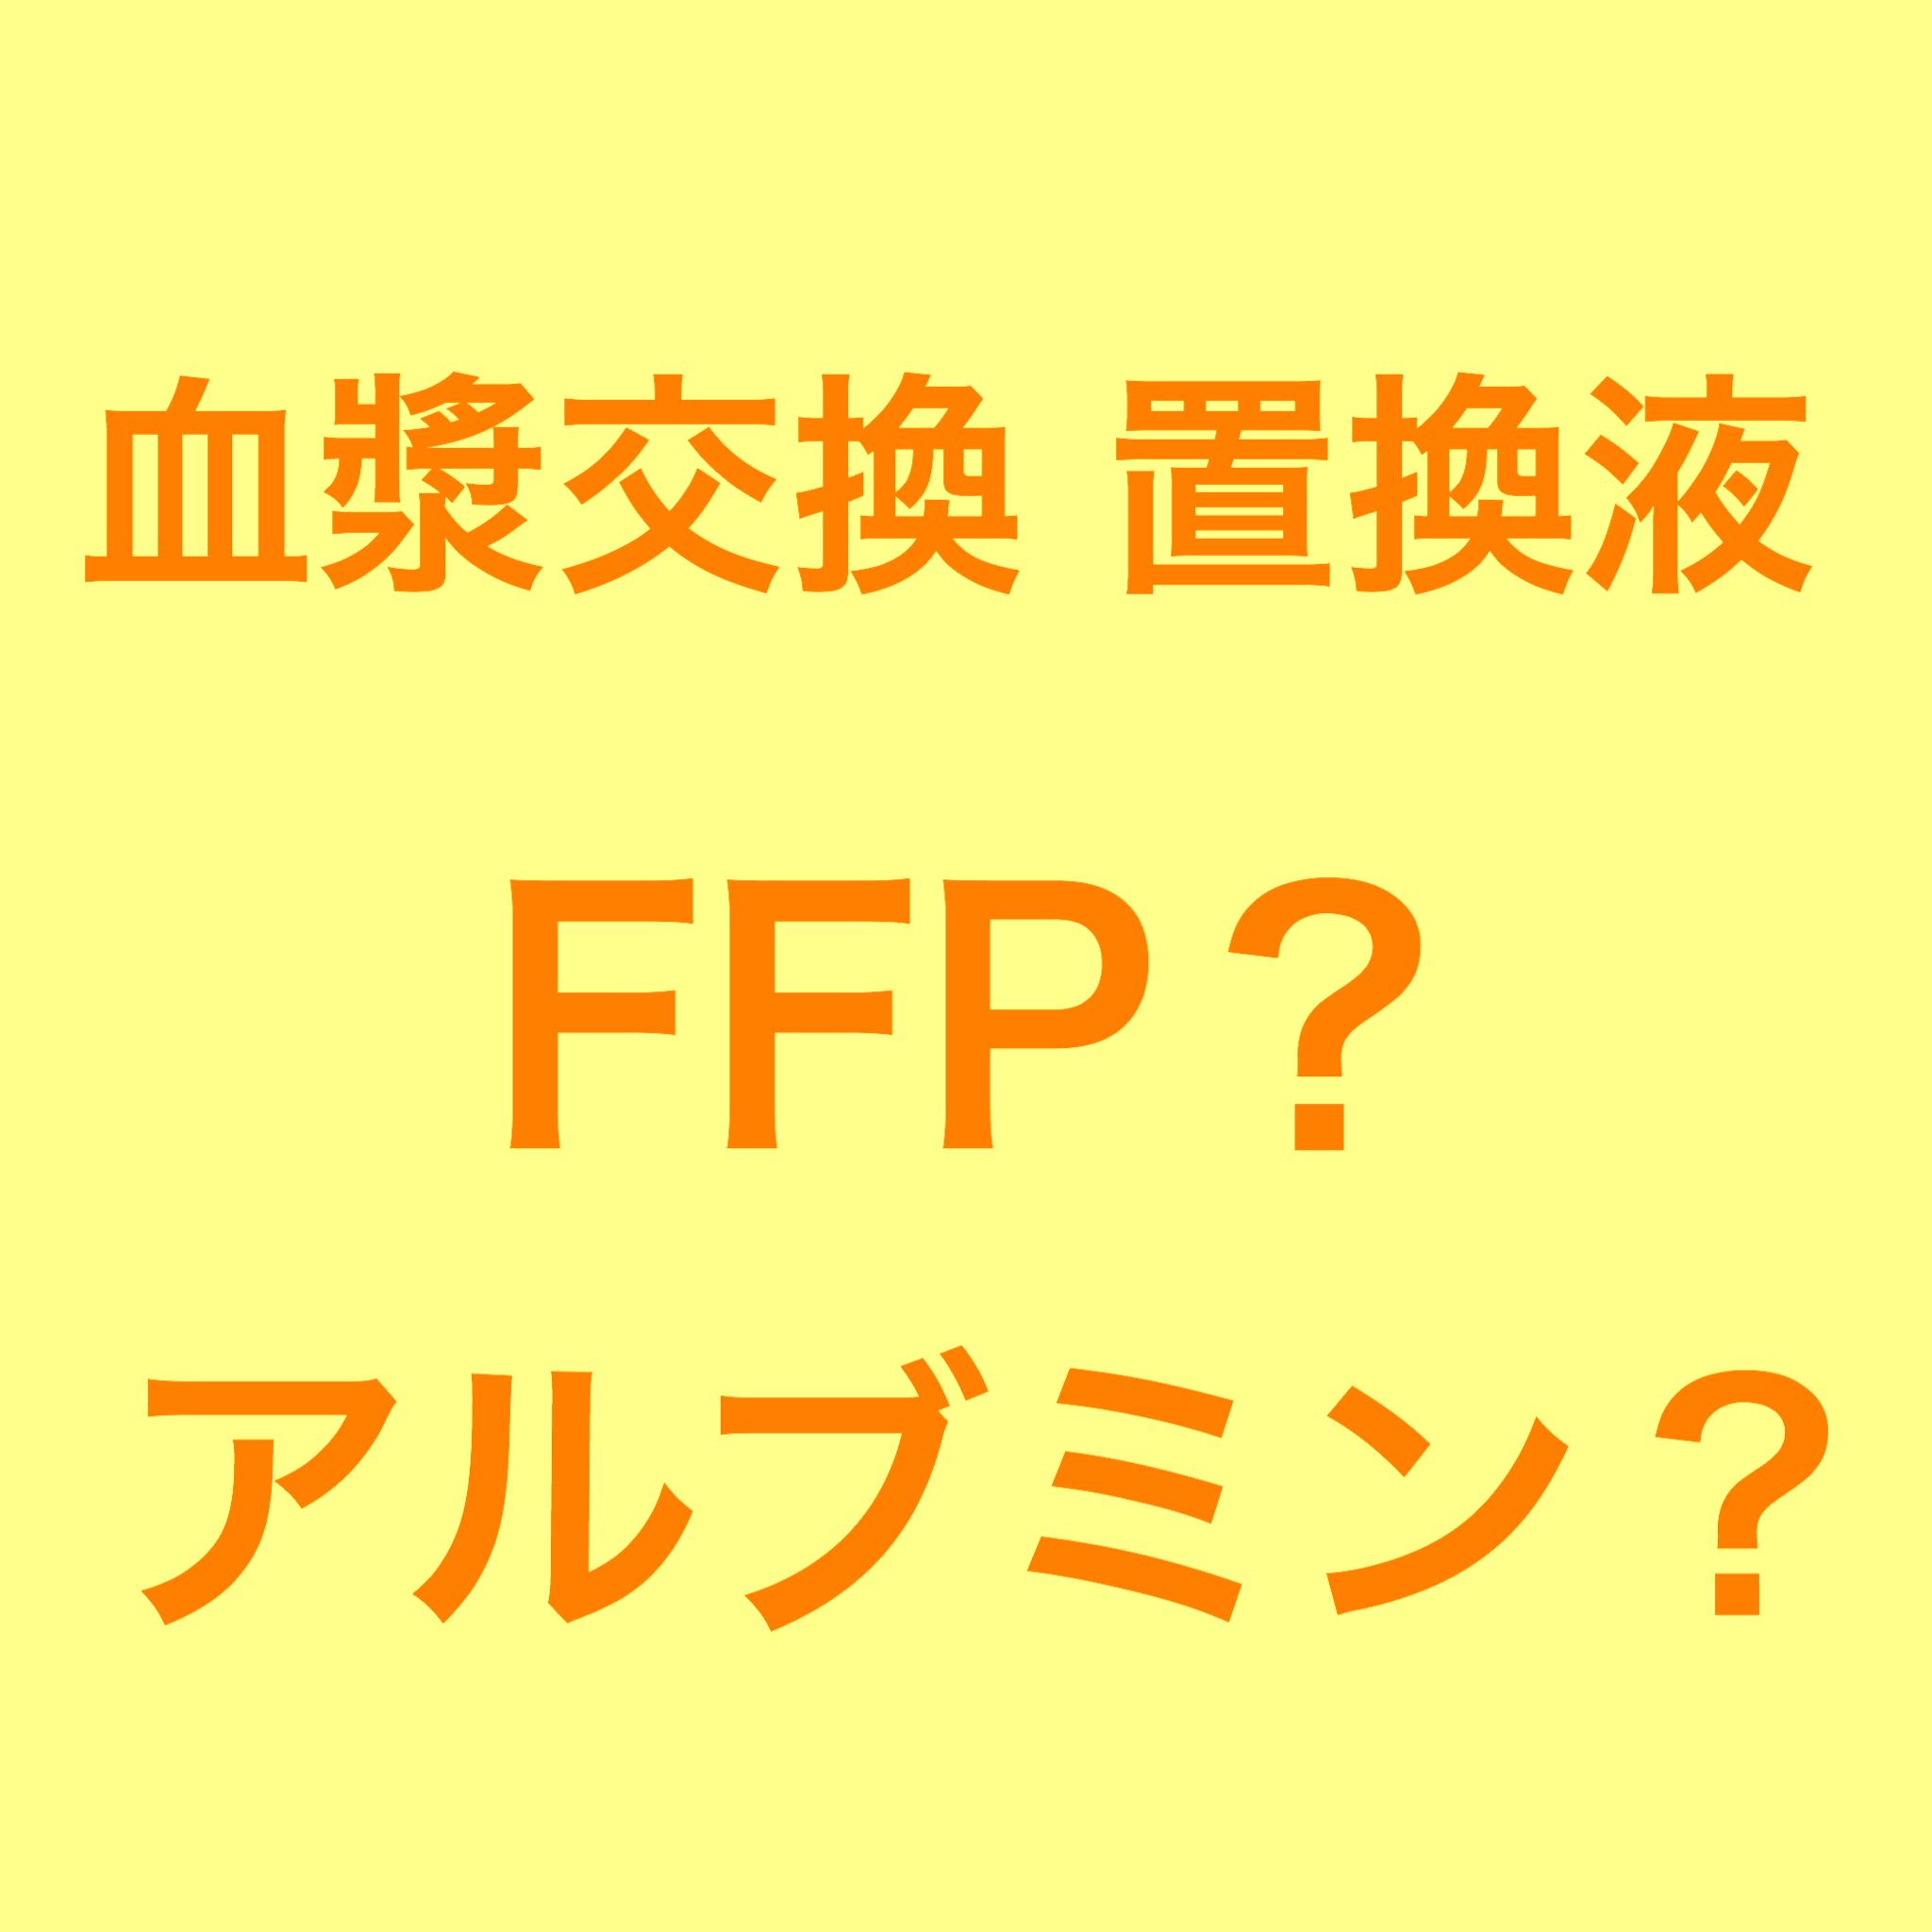 血漿交換の置換液 FFP、アルブミン製剤の使い分けと注意点